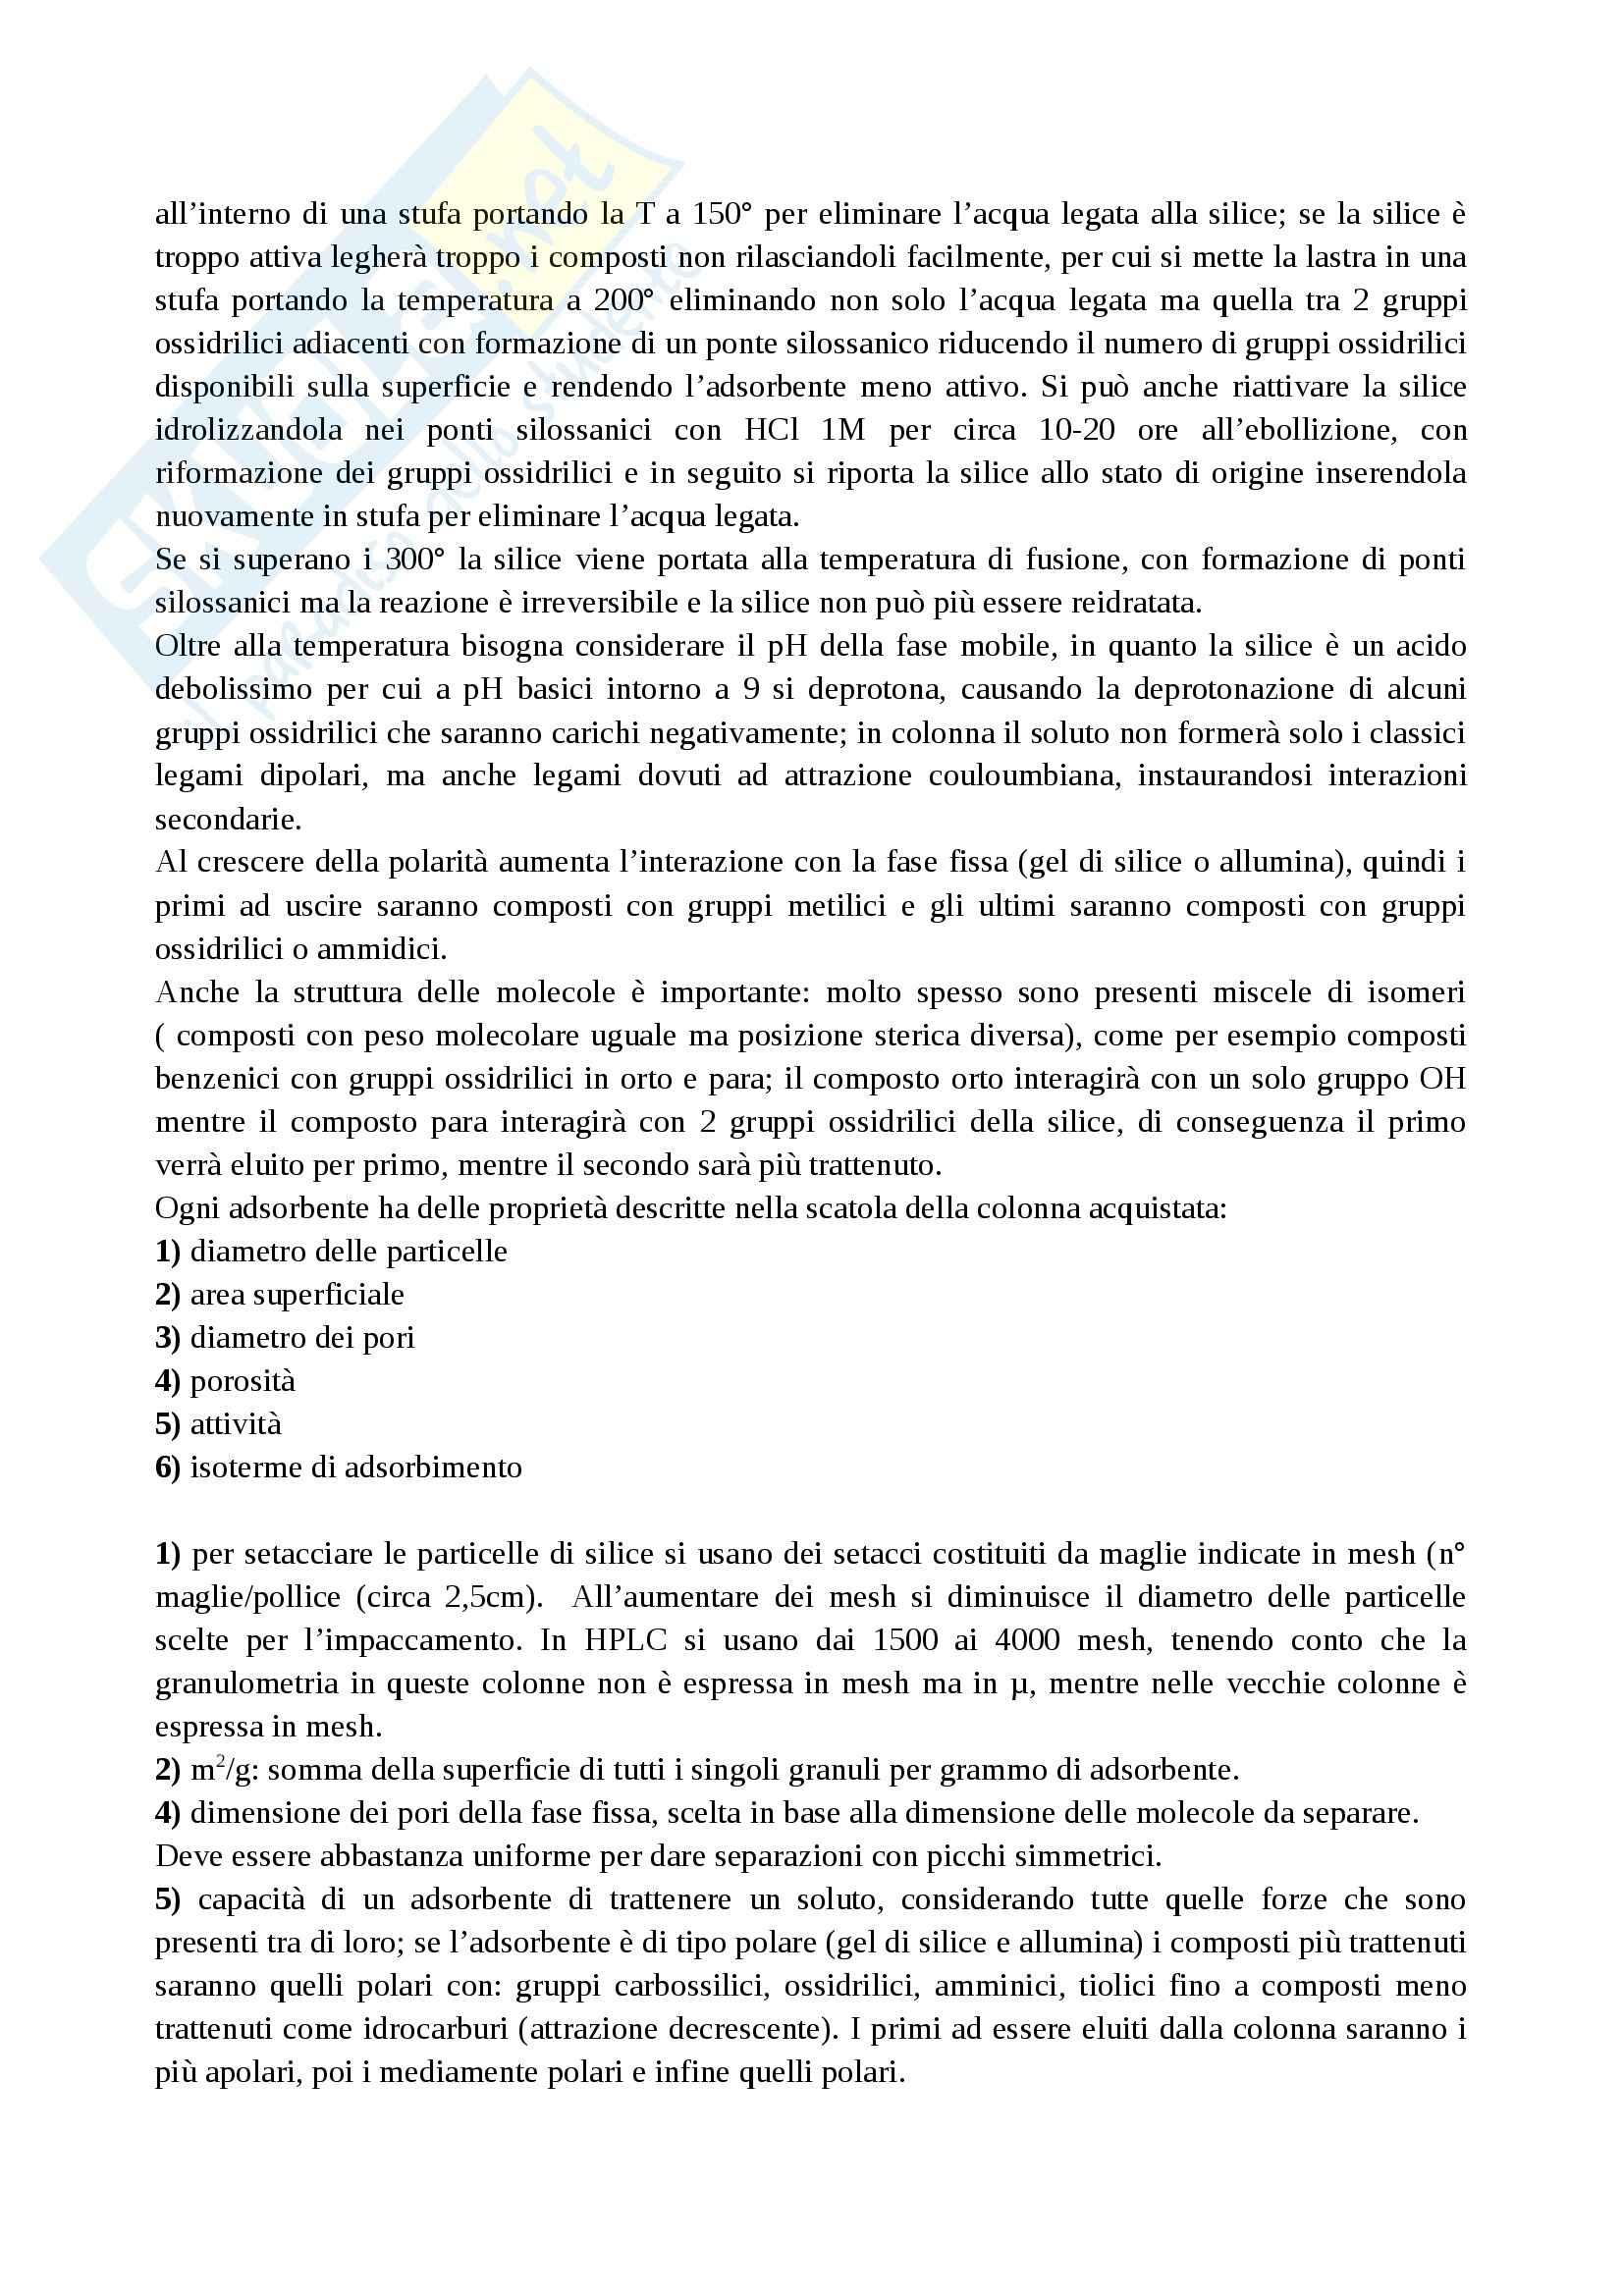 Metodologie Analitiche Avanzate - Appunti parte 1 Pag. 31